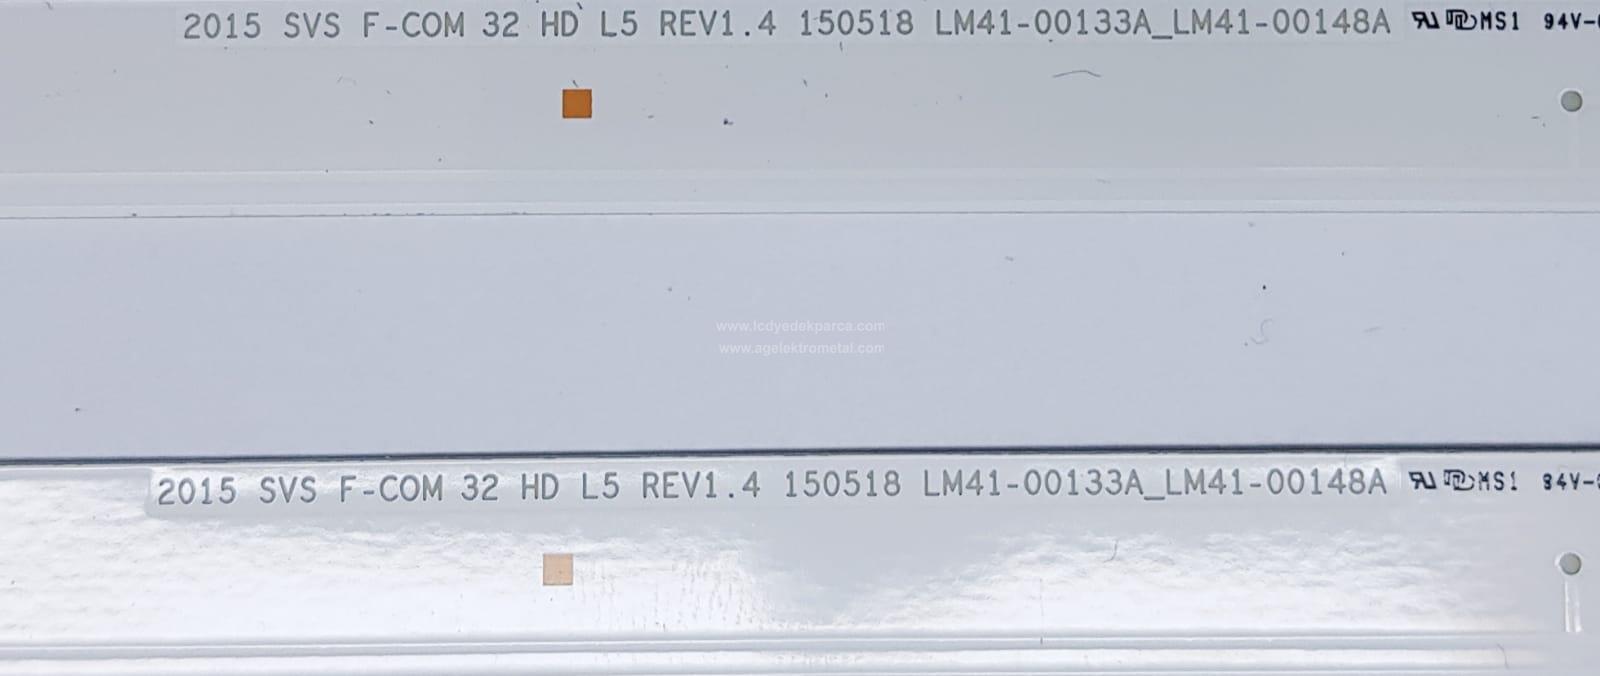 2015 SVS F-COM 32 HD L5 REV1.4 , 150518 , LM41-00133A_LM41-00148A , SAMSUNG , UE32J4003 , JJ032AGH4VD1087 , 2 ADET LED ÇUBUK